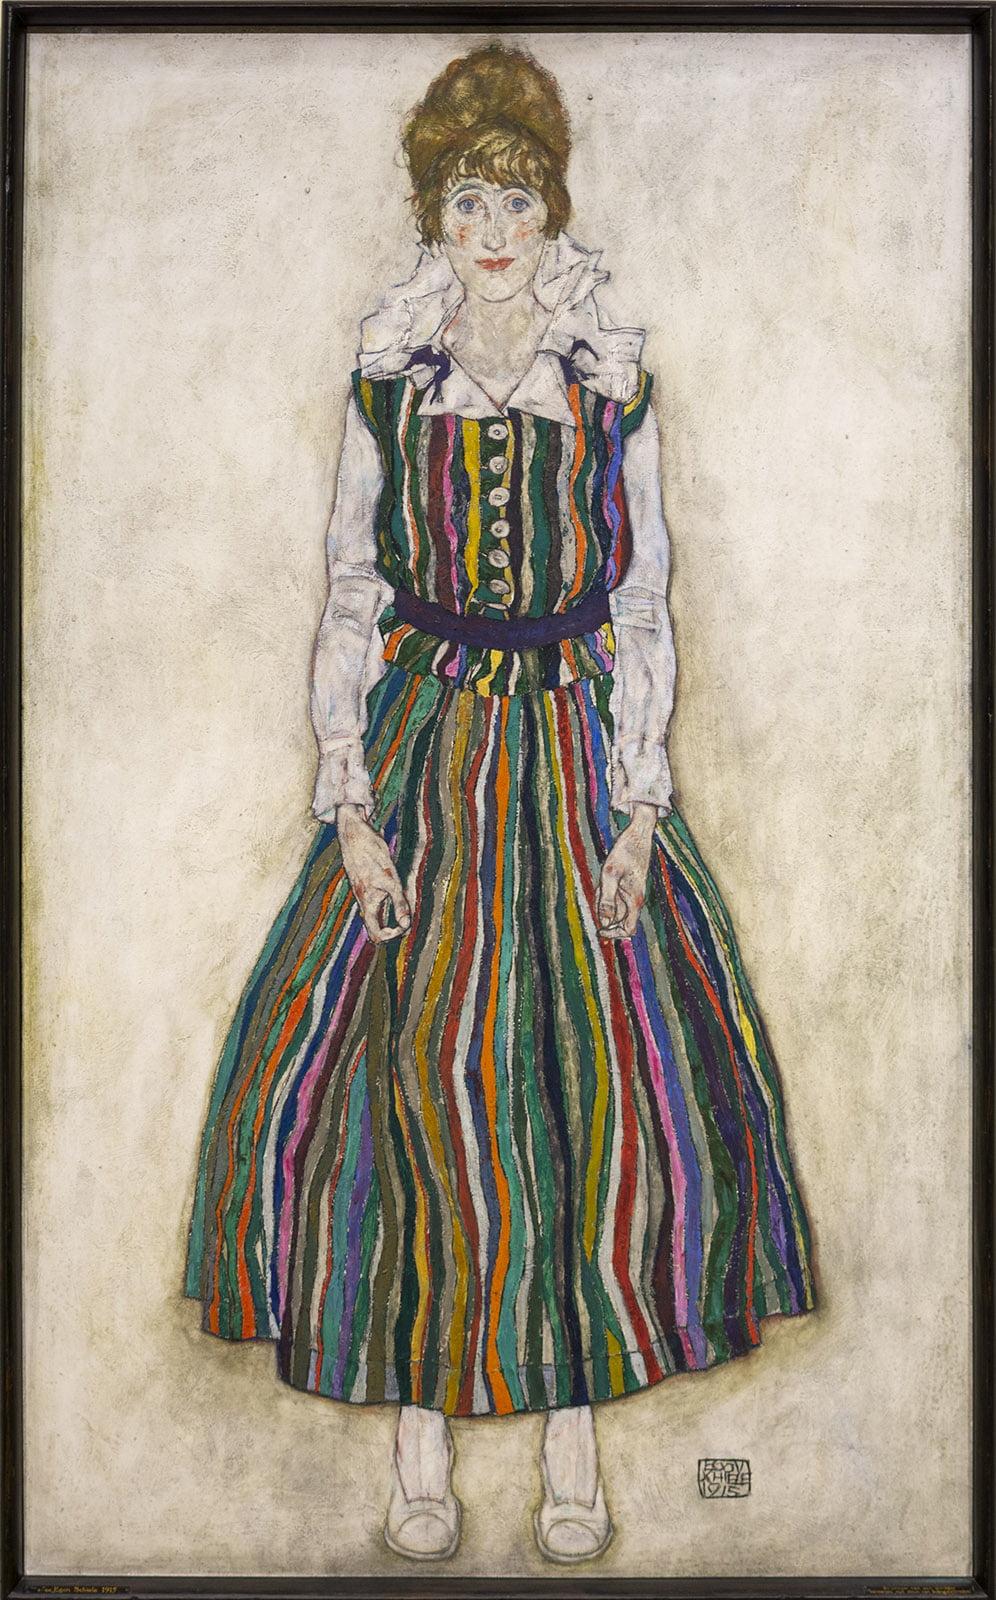 Kunstmuseum, Den Haag, Edith, Schiele